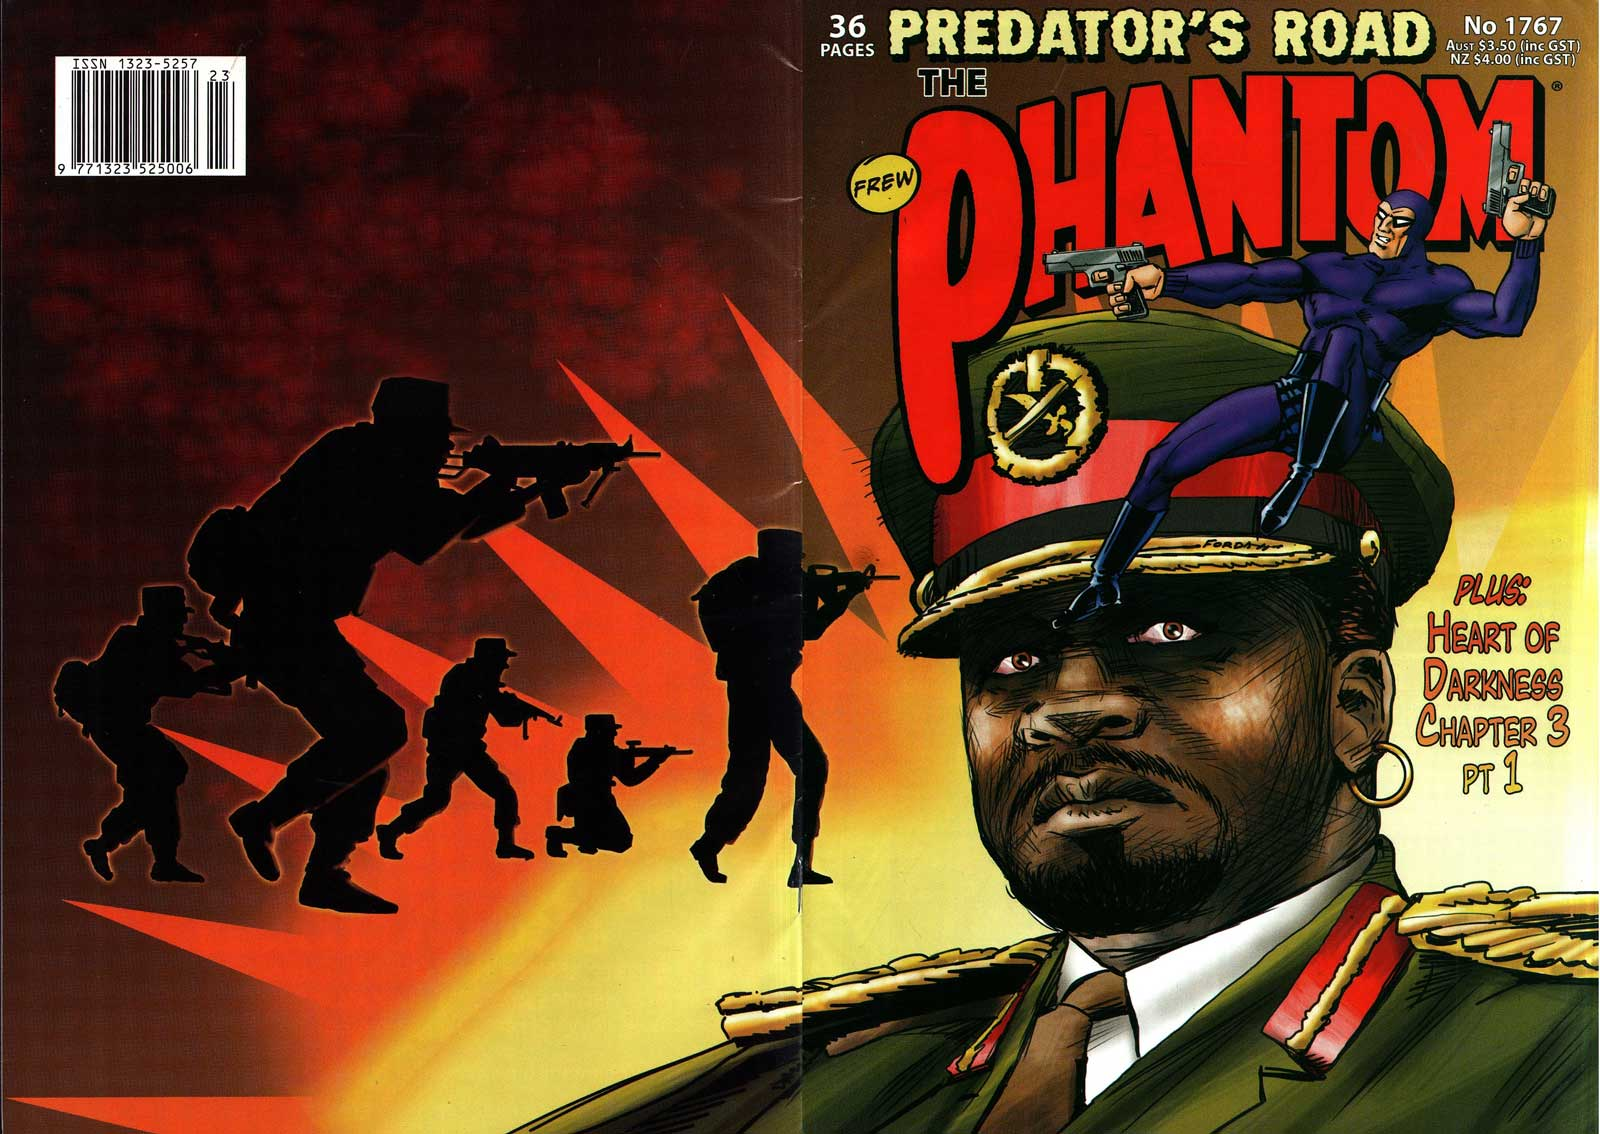 In Review: The Phantom 1767 – Predator's Road (Frew Comics)